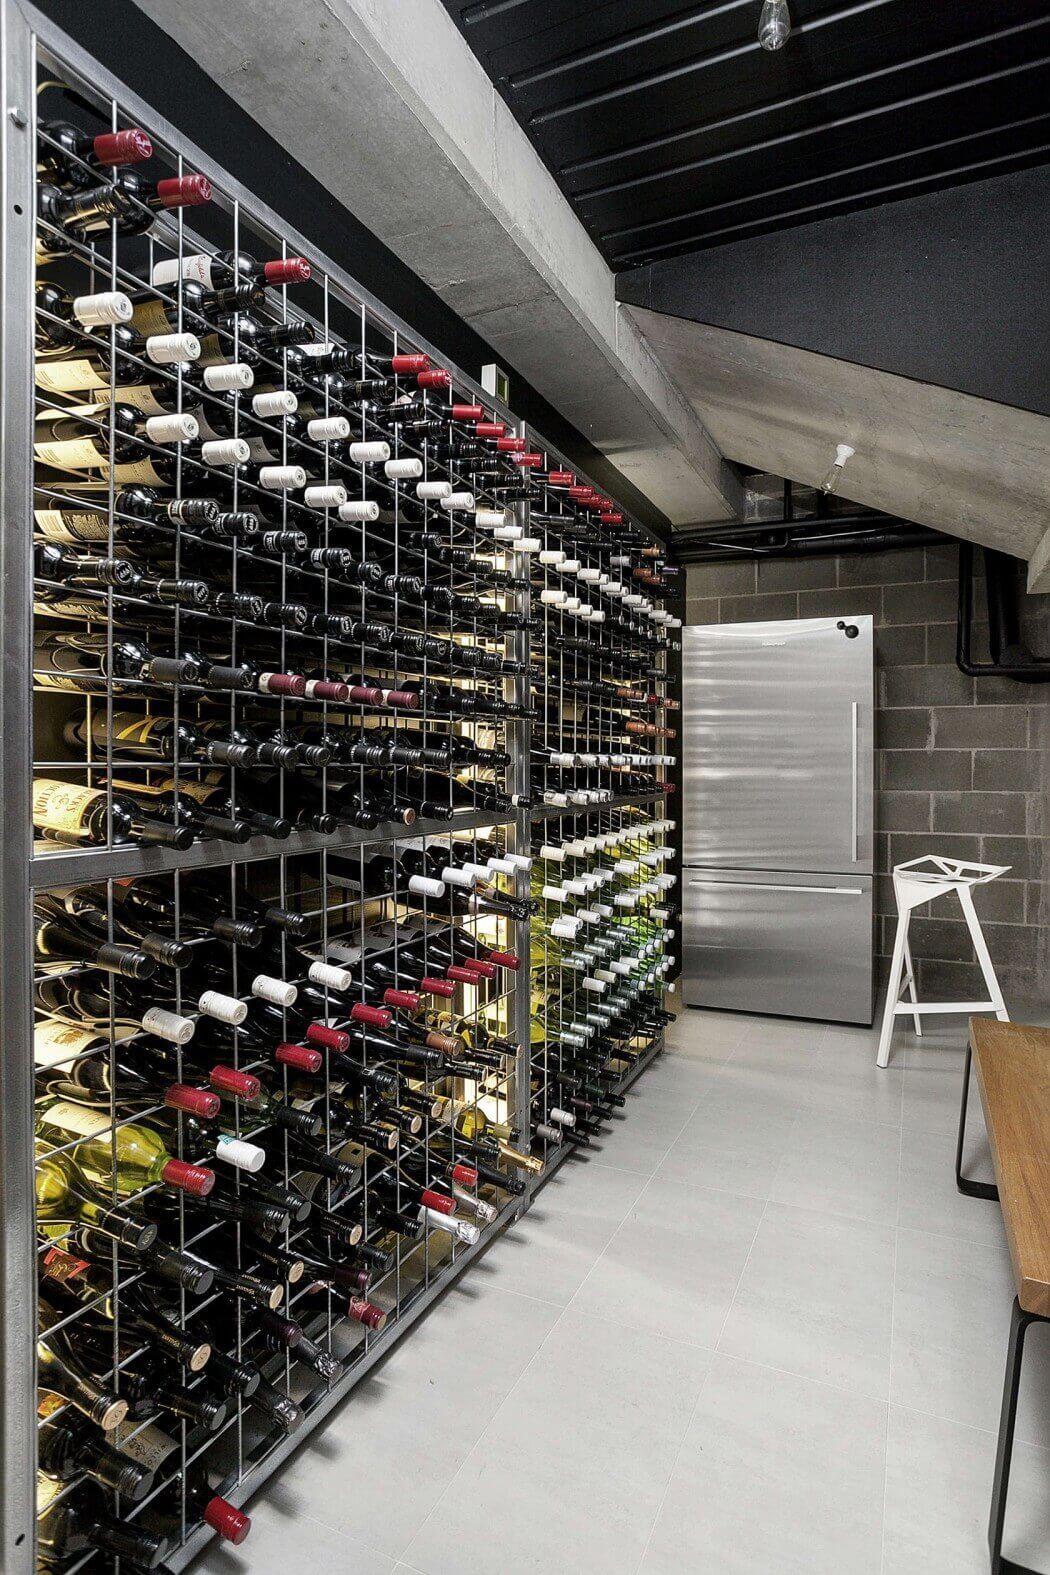 Caroline Residence By Architecton Armarios De Vino Almacenamiento De Vino Cavas De Madera